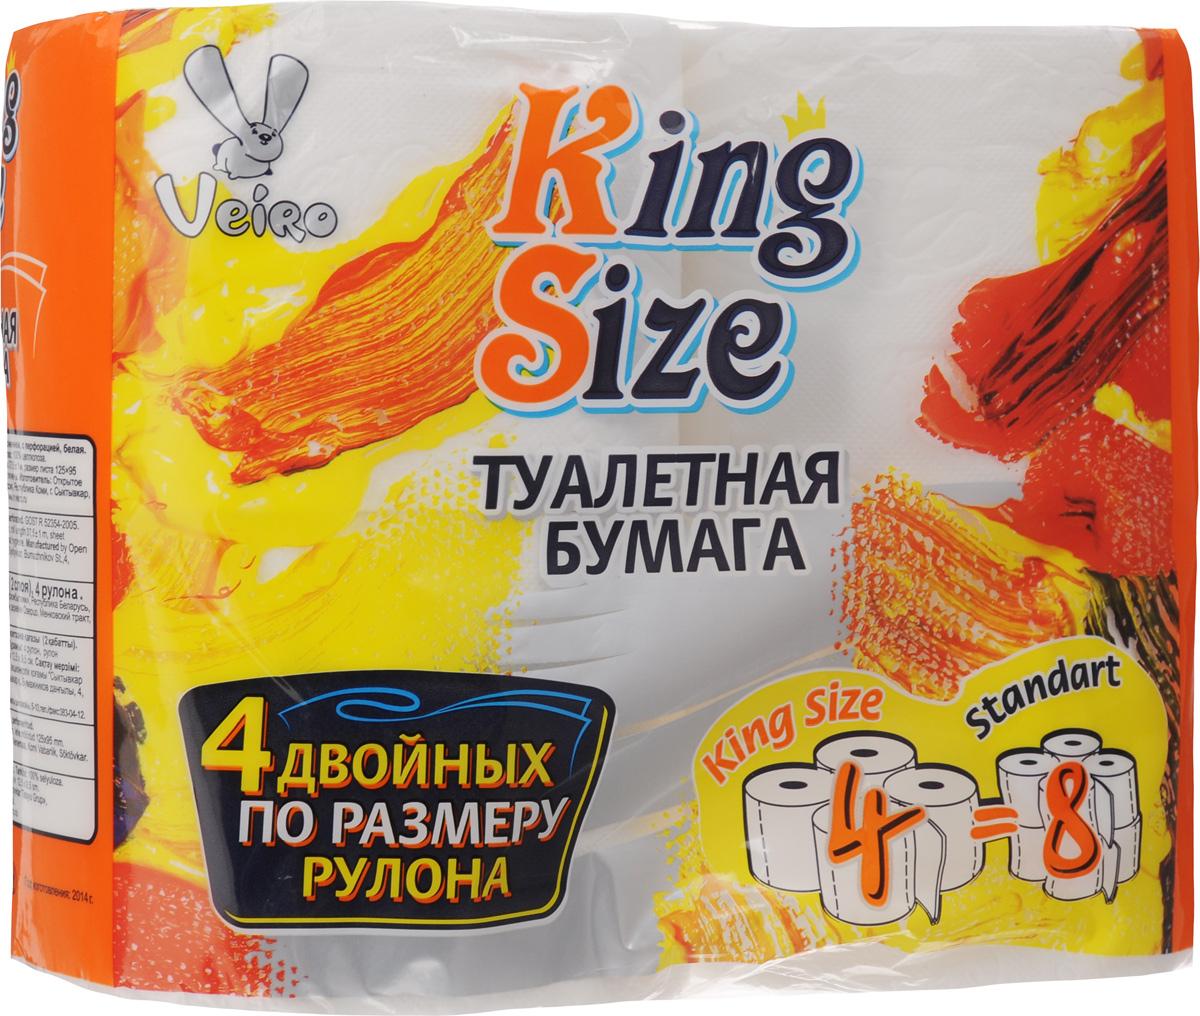 Бумага туалетная Veiro King Size, двухслойная, 4 рулона391602Туалетная бумага Veiro King Size, выполненная из натуральной целлюлозы, обеспечивает превосходный комфорт и ощущение чистоты и свежести. Необыкновенно мягкая, но в тоже время прочная, бумага не расслаивается и отрывается строго по линии перфорации, не вызывает аллергии и раздражения. Двухслойные листы имеют рисунок с перфорацией.Количество слоев: 2. Размер листа: 12,5 х 9,5 см. Длина намотки: 37,5 м. Состав: 100% целлюлоза.Уважаемые клиенты!Обращаем ваше внимание на возможные изменения в дизайне упаковки. Качественные характеристики товара остаются неизменными. Поставка осуществляется в зависимости от наличия на складе.